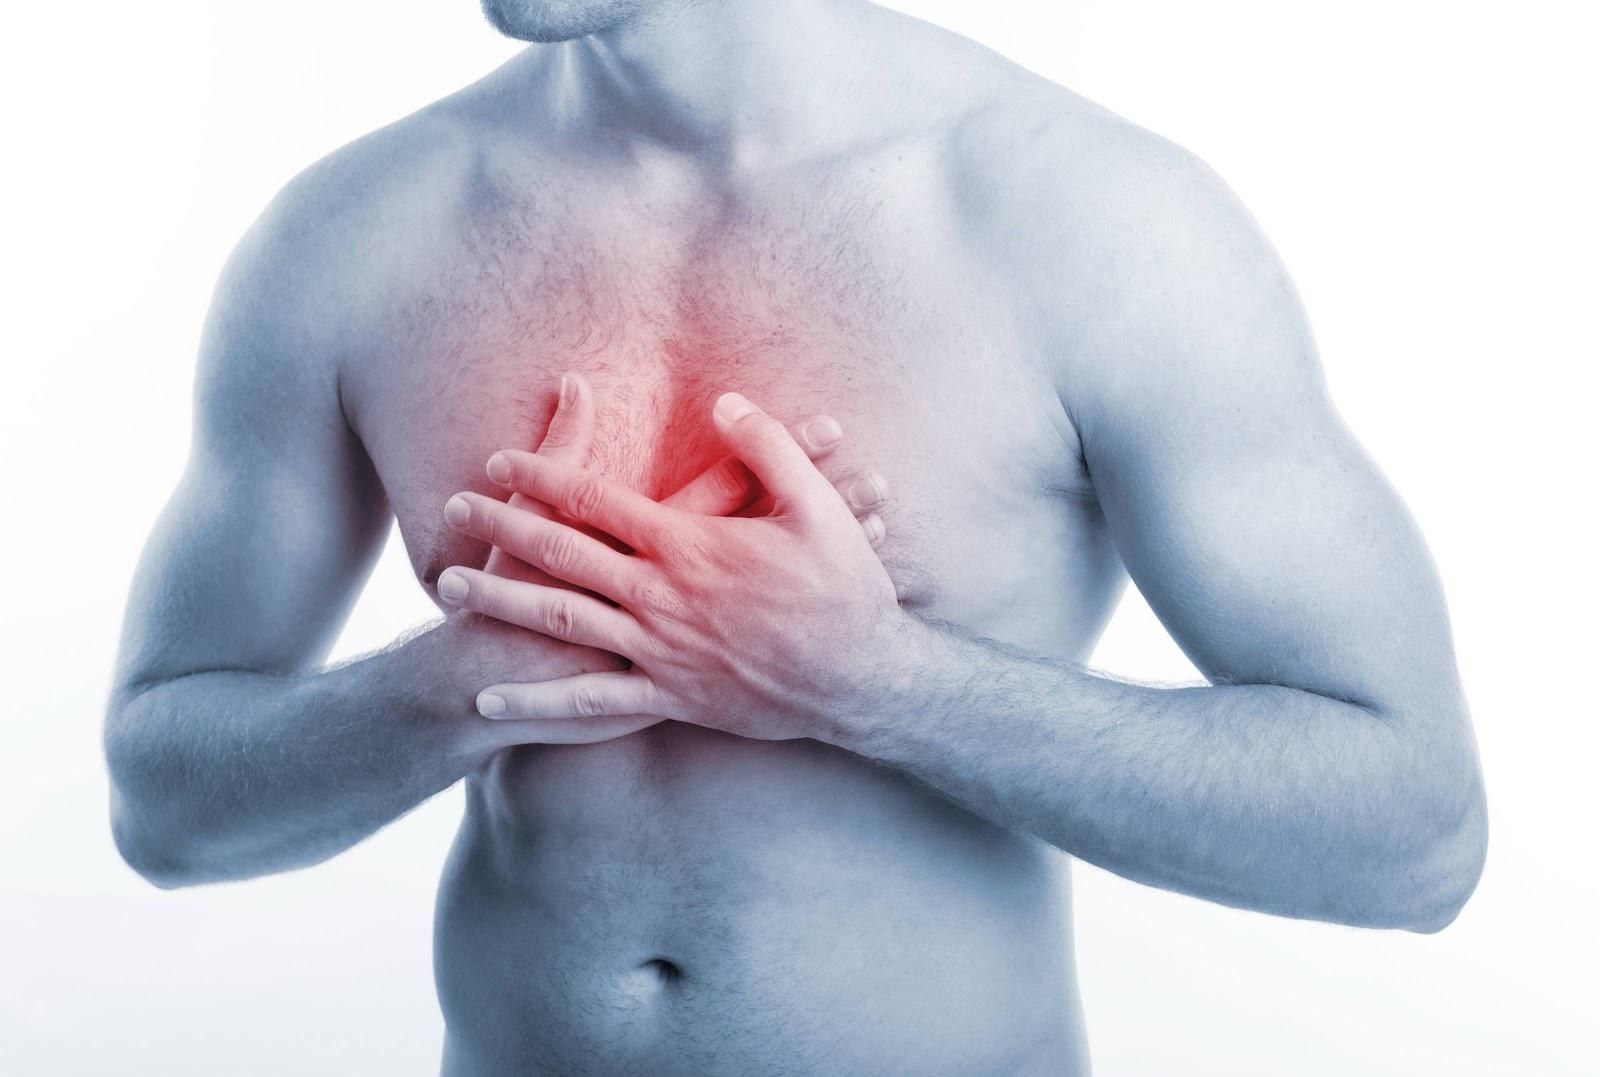 сильная боль в области грудины